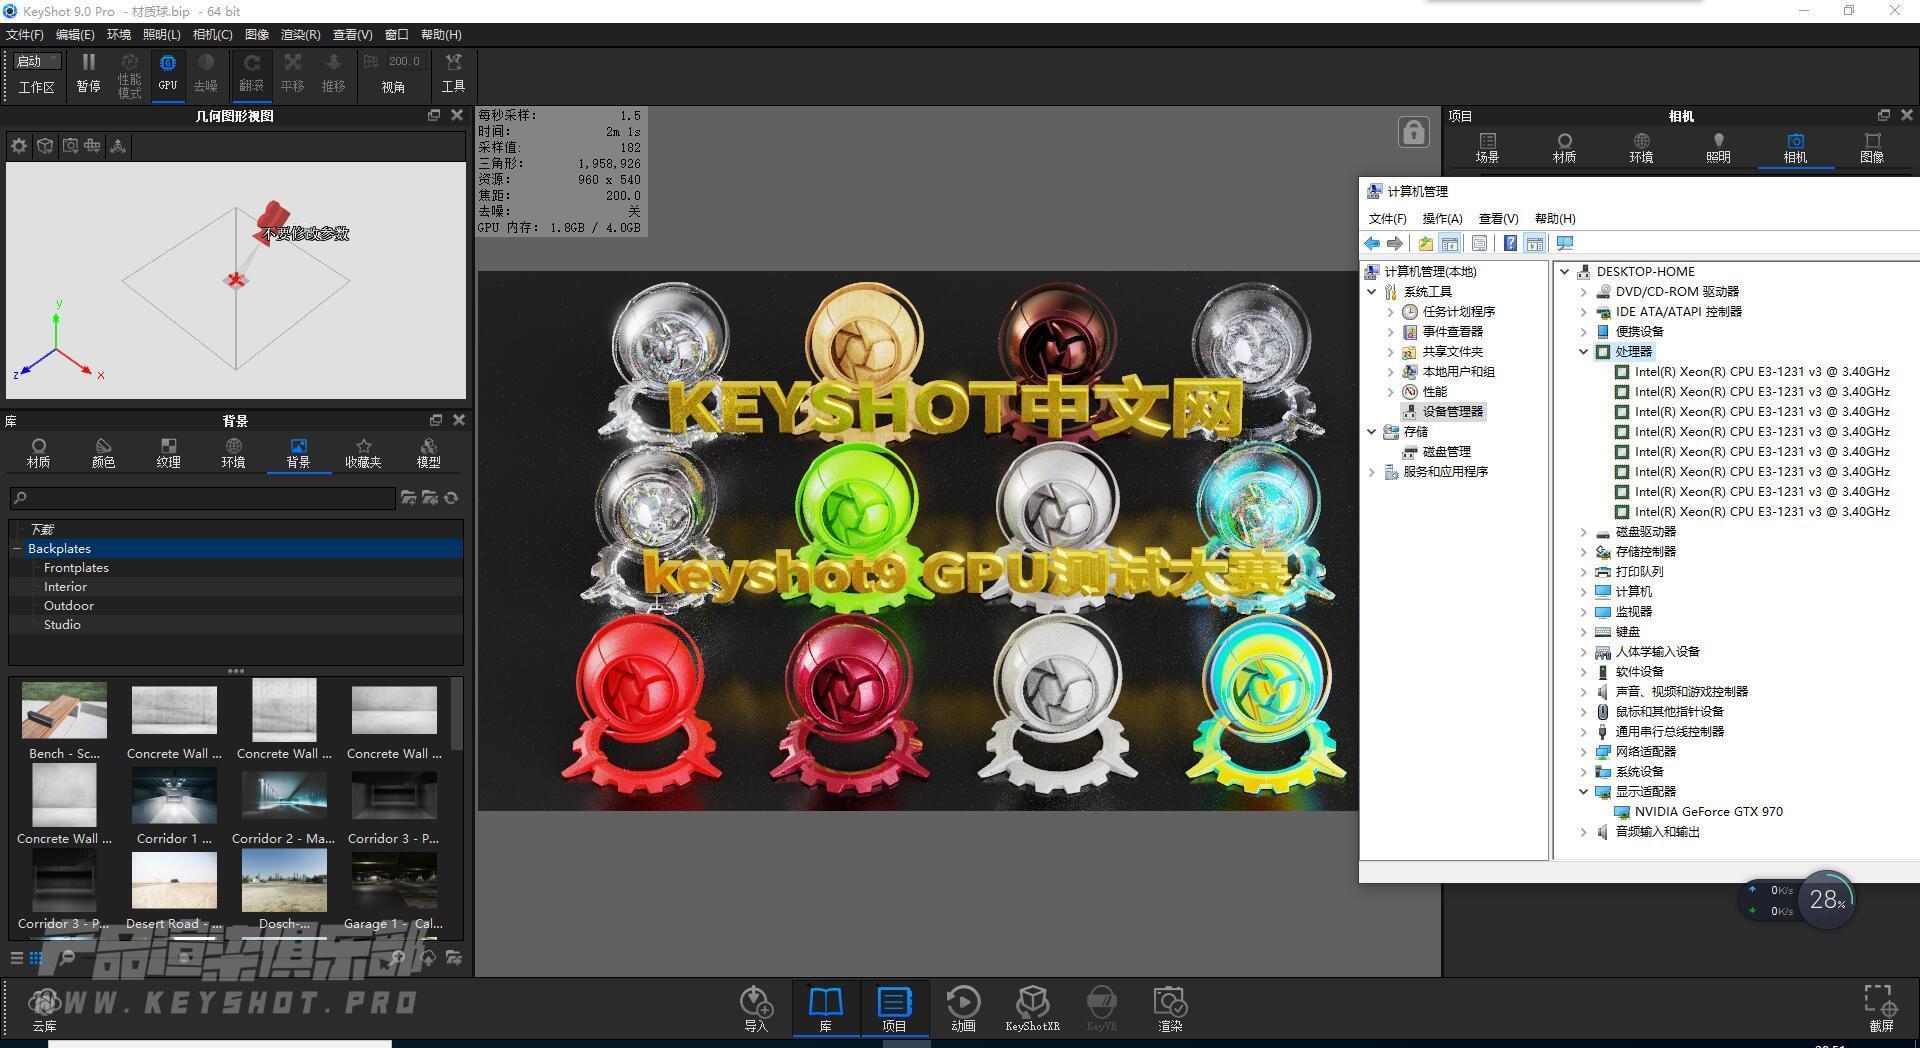 keyshot9—  E3-1231v3+ Nvidia GeForce GTX 970 评测